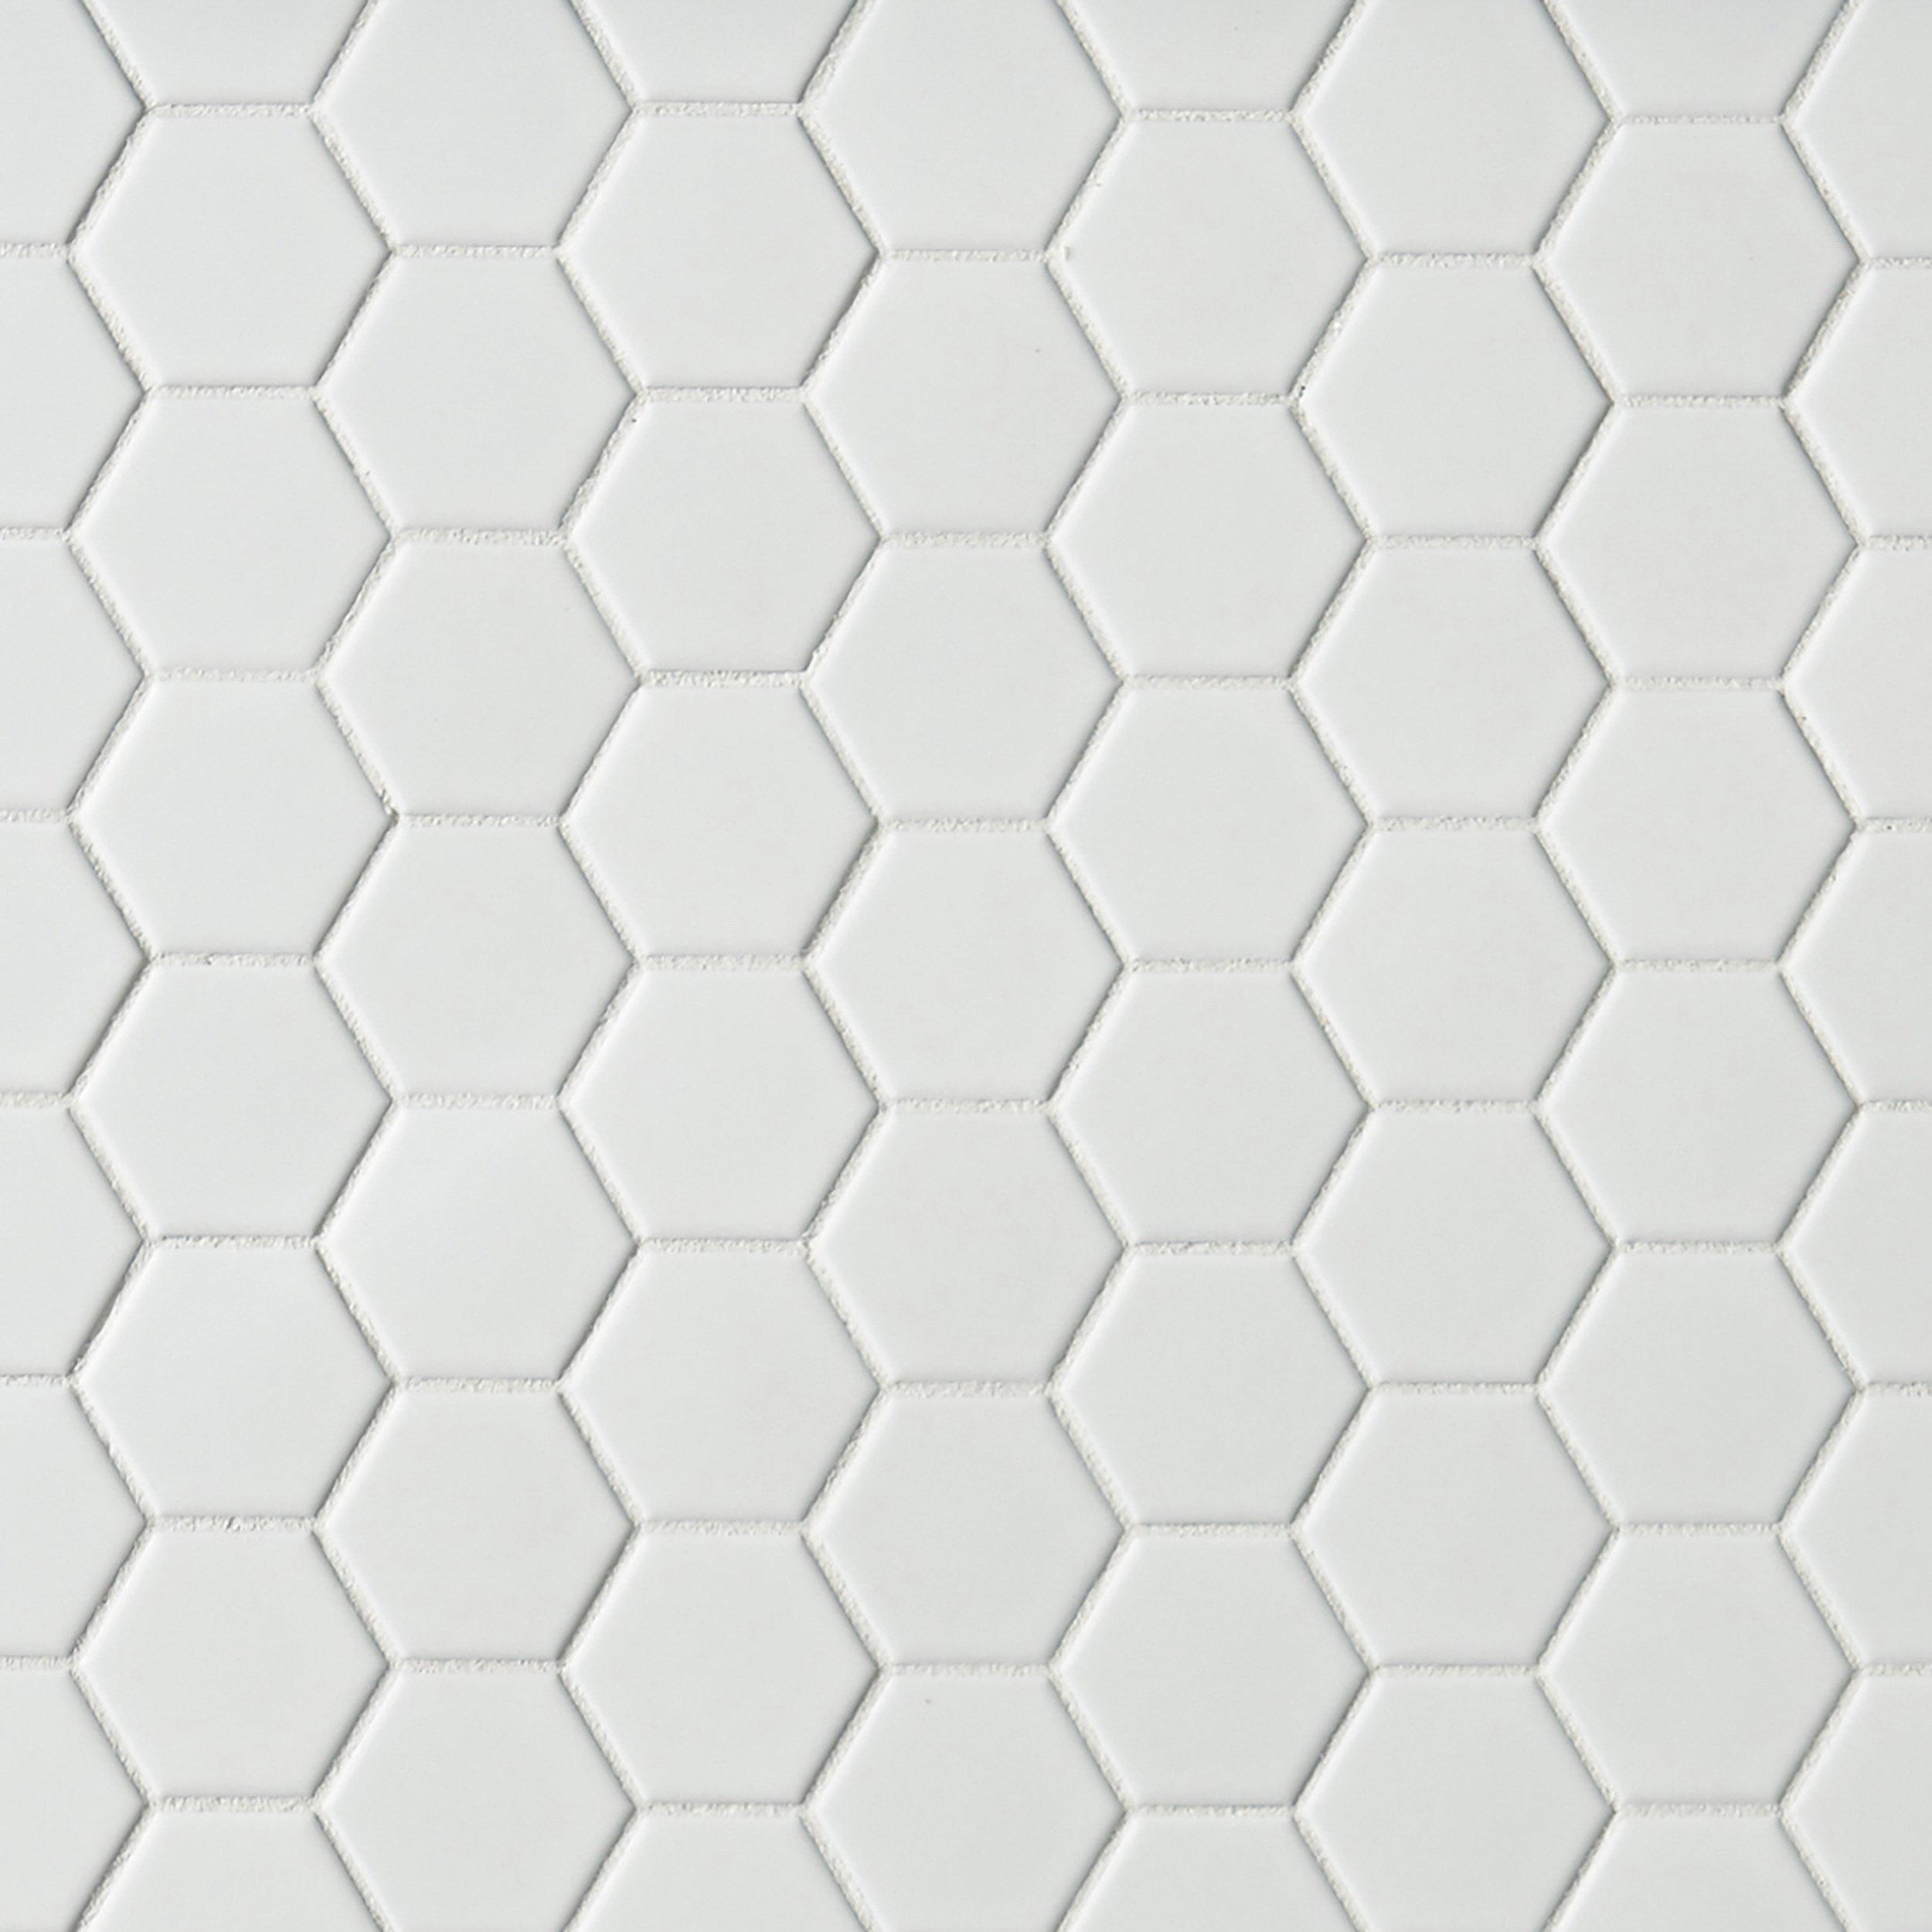 white tile bathroom floor. Metro White Matte Hexagon Porcelain Mosaic Tile Bathroom Floor H